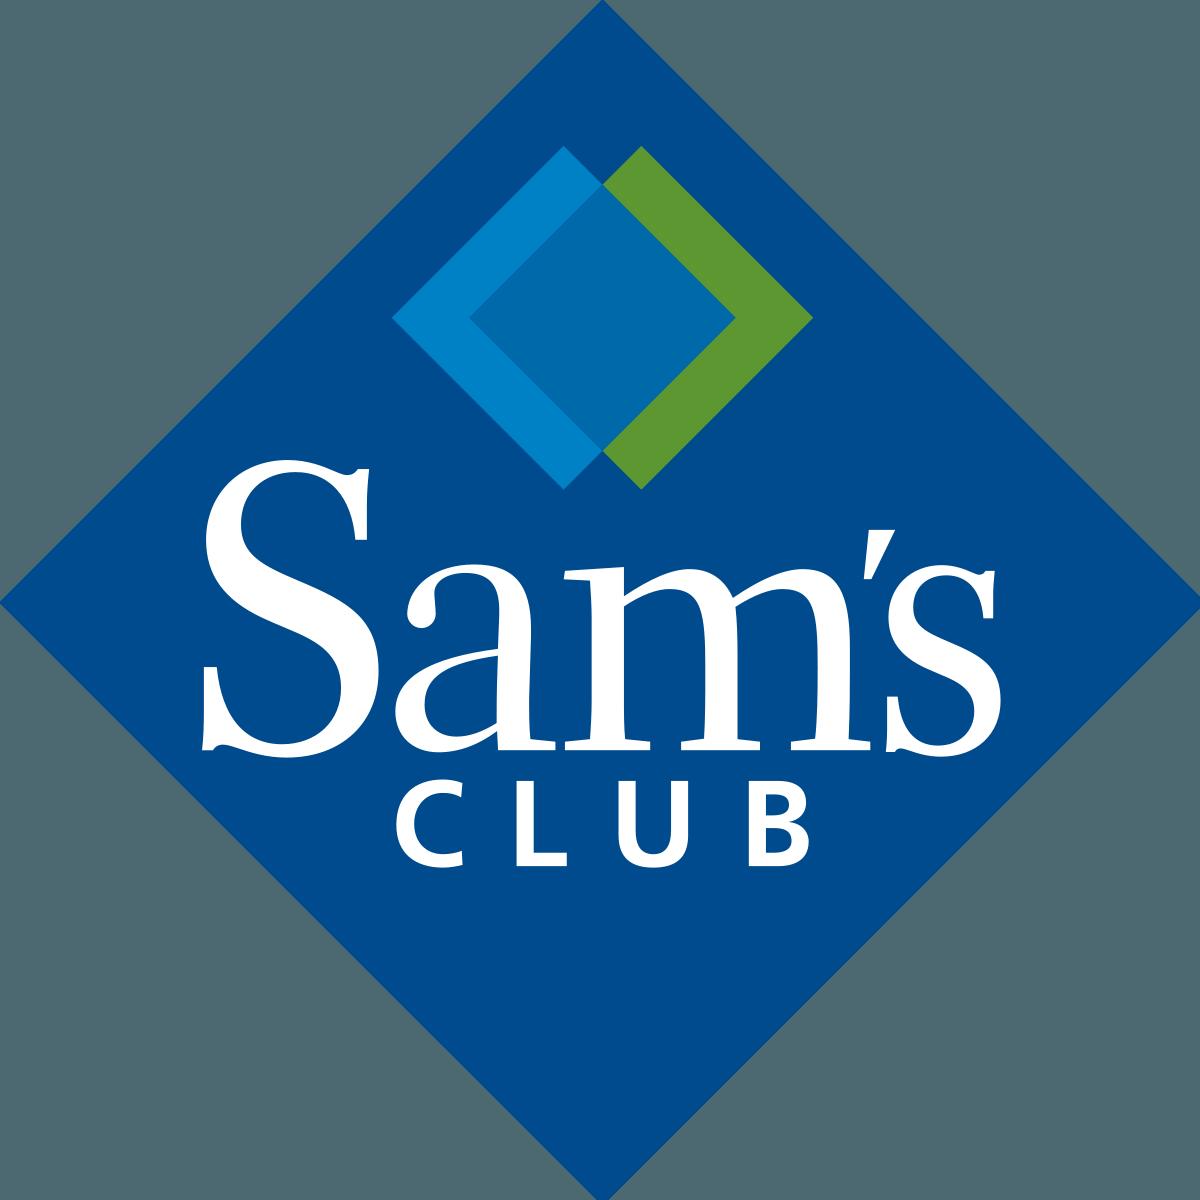 Hustler and sams club